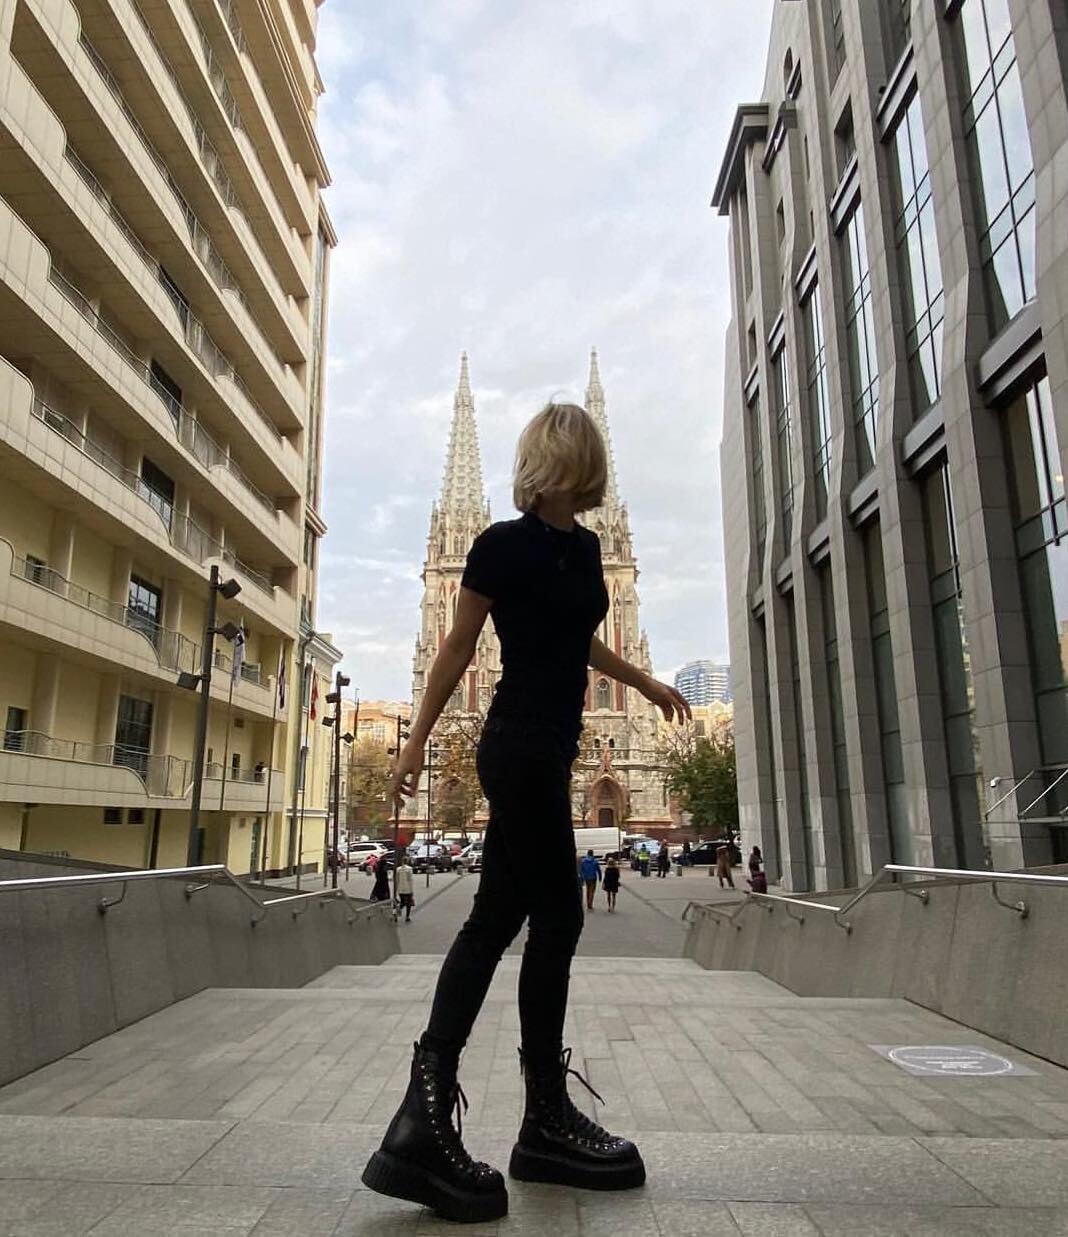 «Из-за мишуры чуть не вырезали мою семью». Мудрое интервью Анны Чакветадзе – кайфует с мужем и дочкой, ненавидит показную роскошь